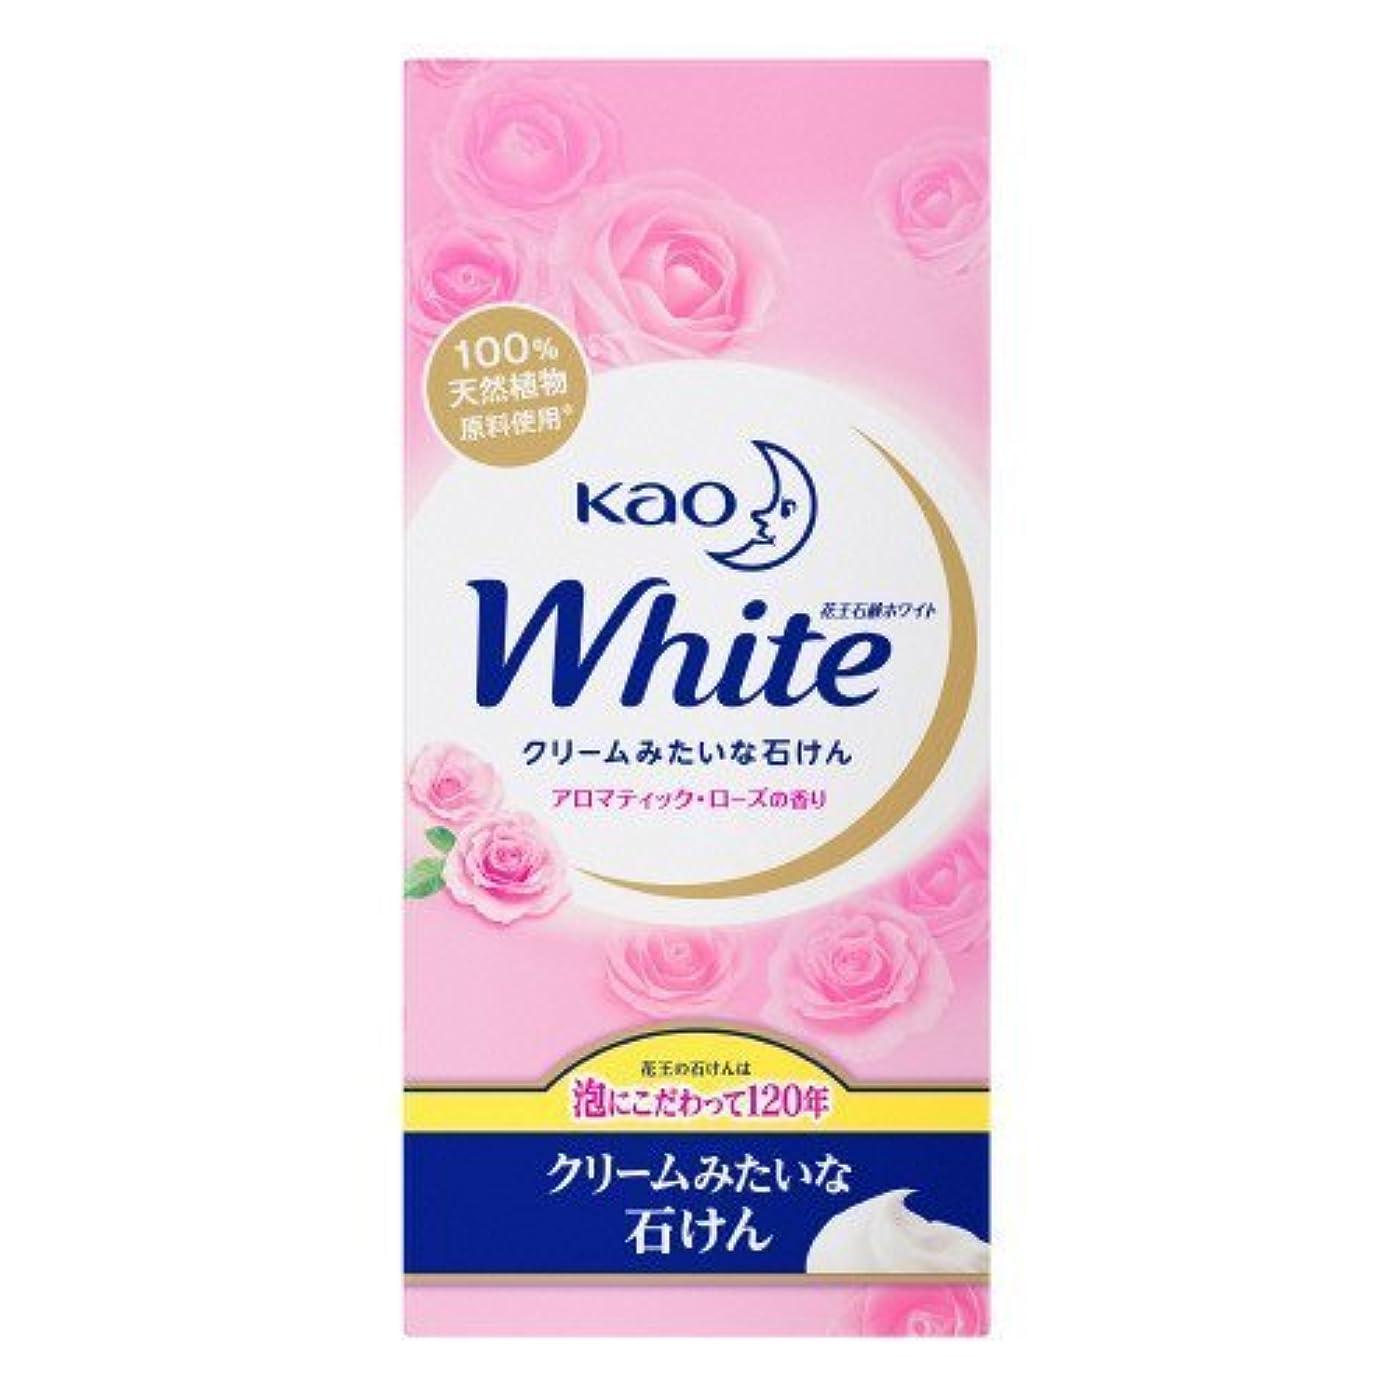 行商レイパワー【花王】花王ホワイト アロマティックローズの香りレギュラーサイズ (85g×6個) ×5個セット